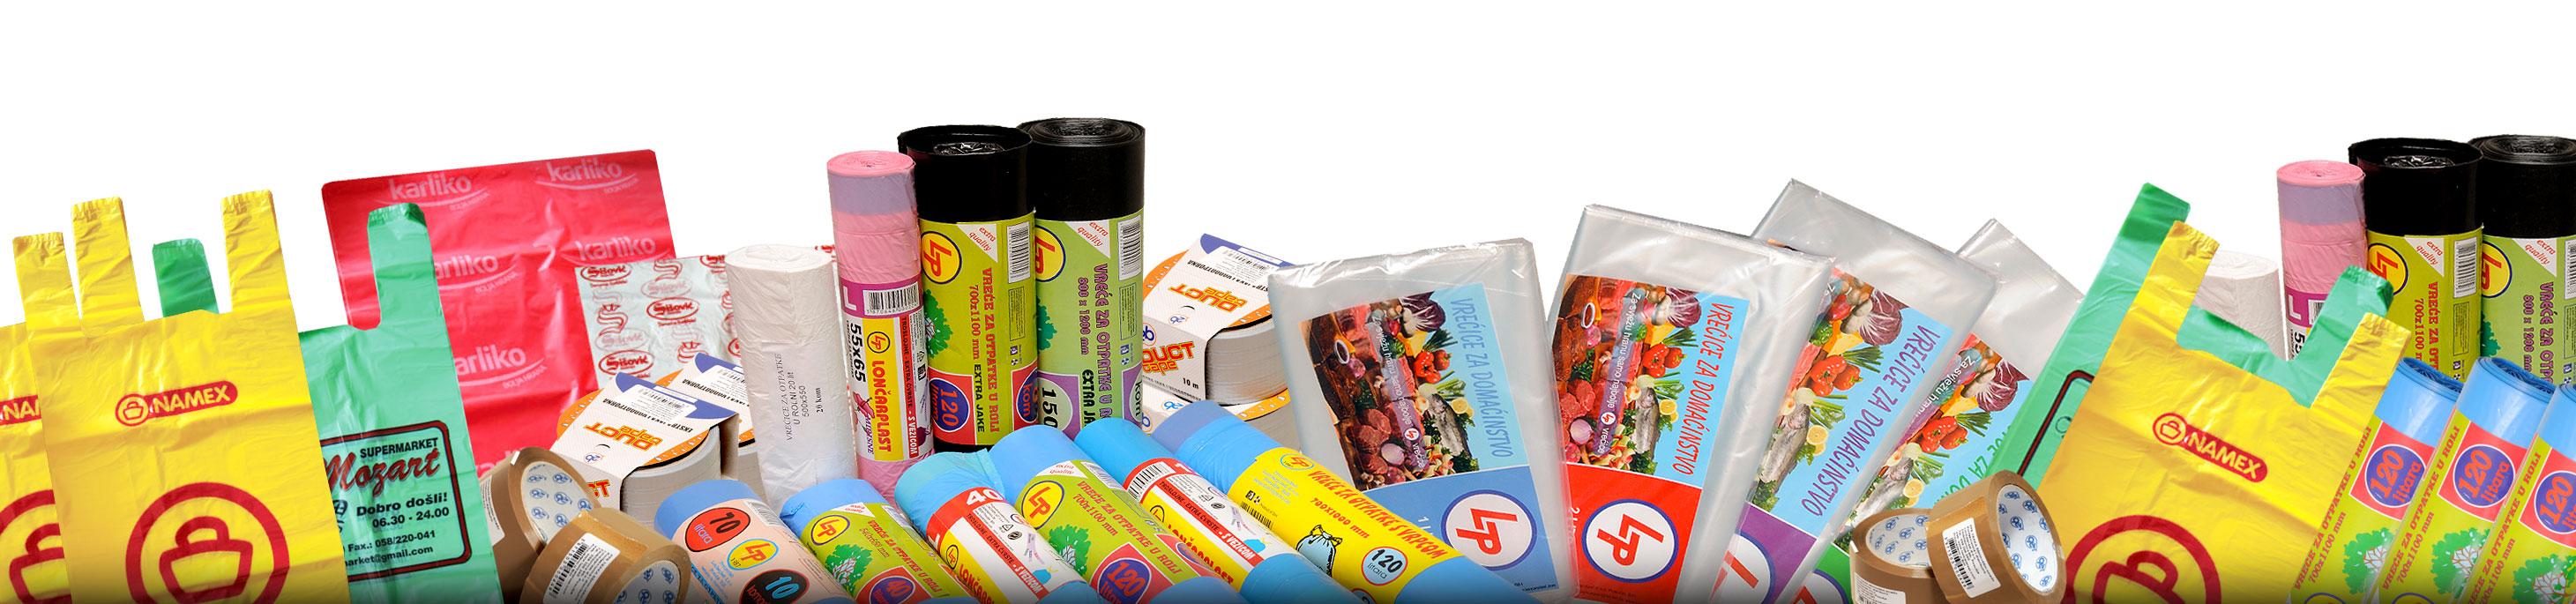 Proizvodi - loncarplast.com